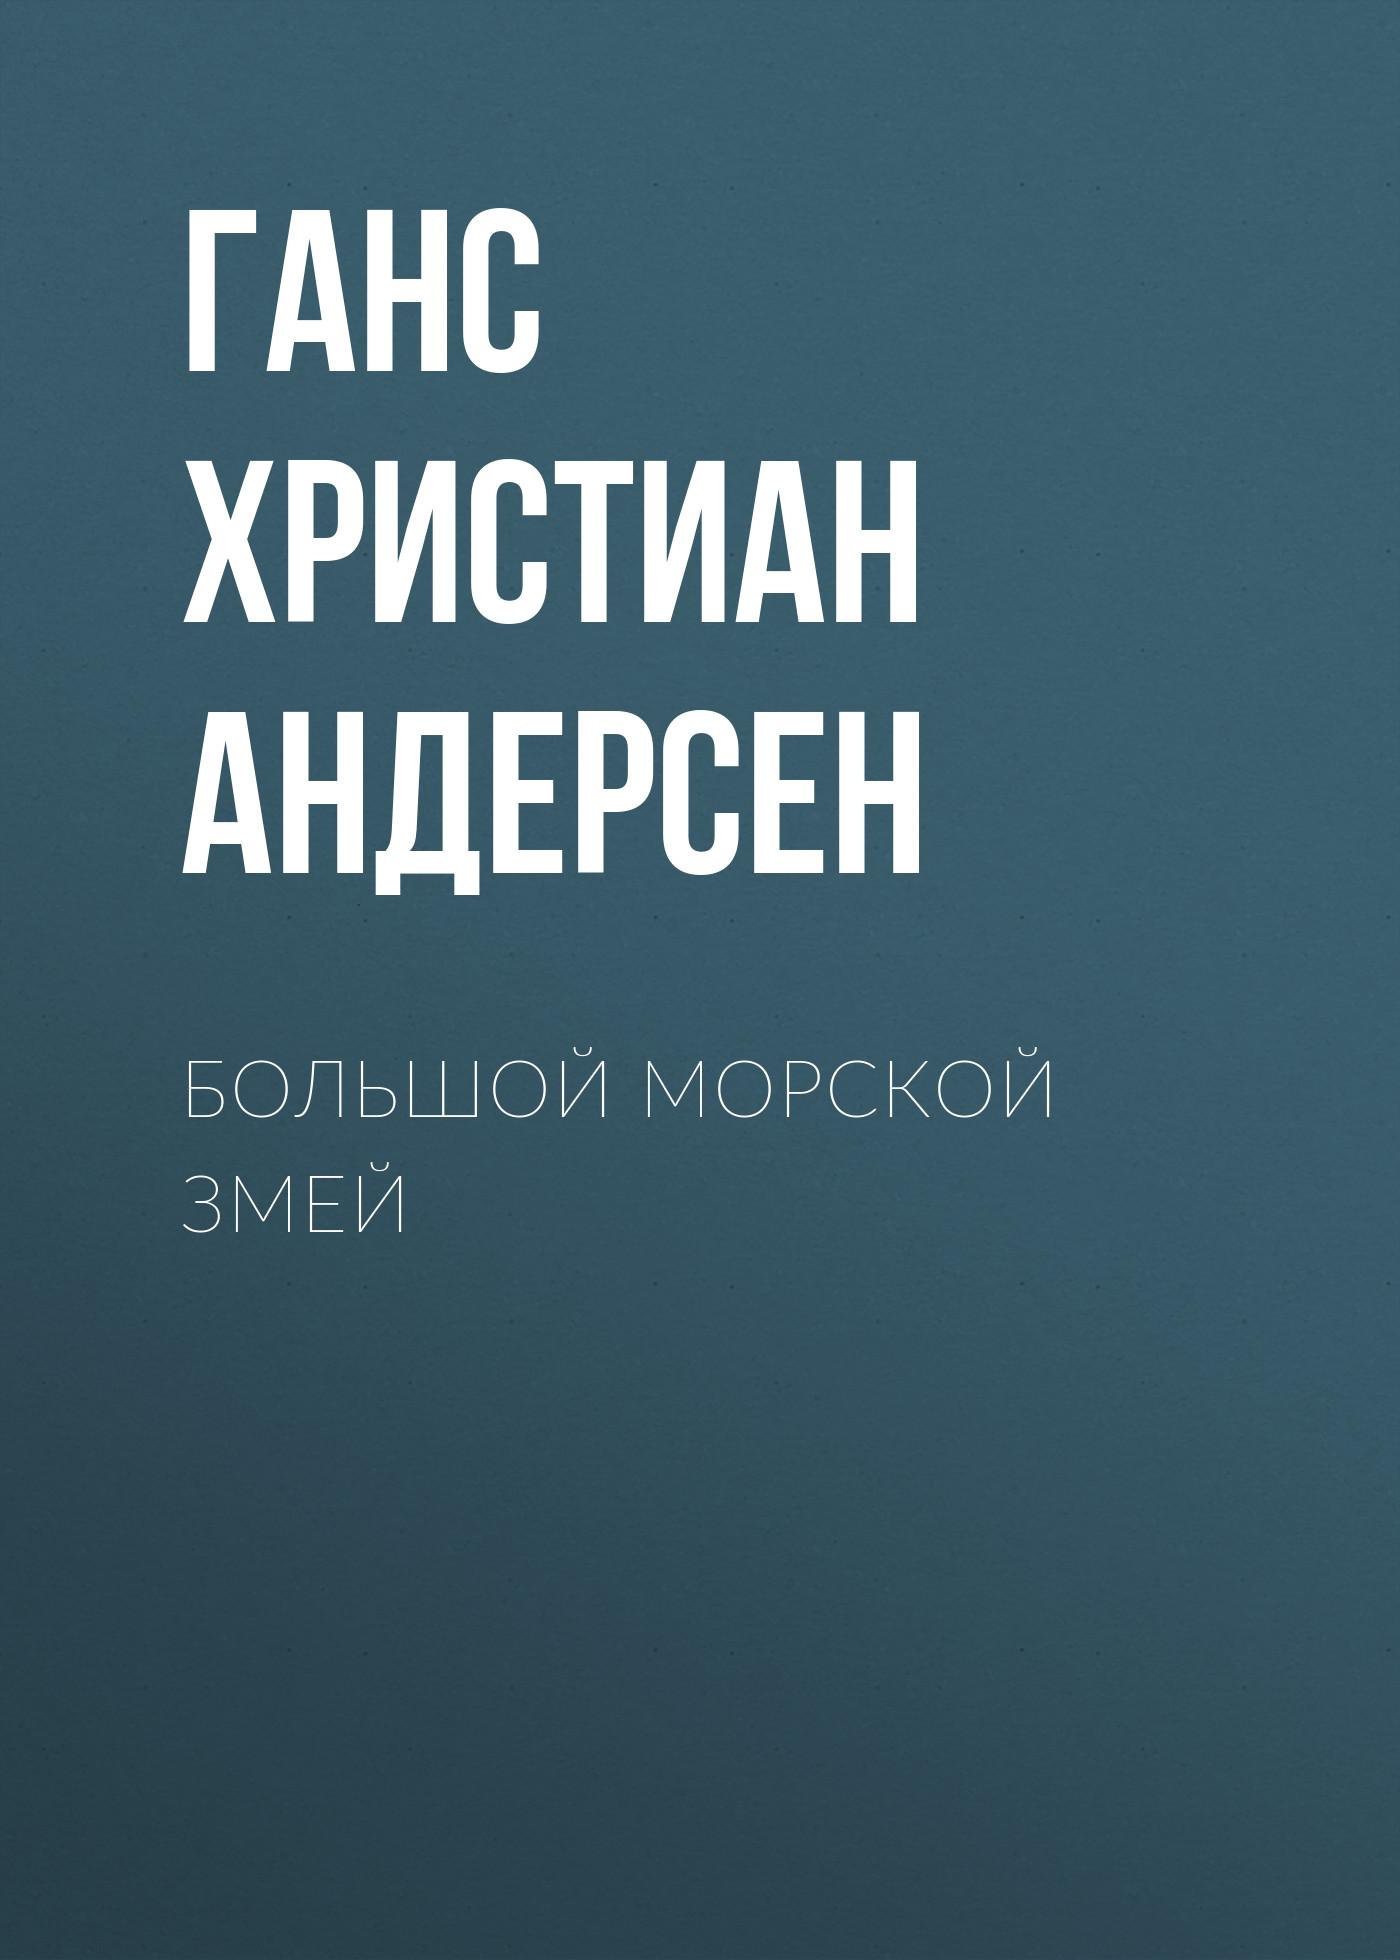 bolshoy morskoy zmey